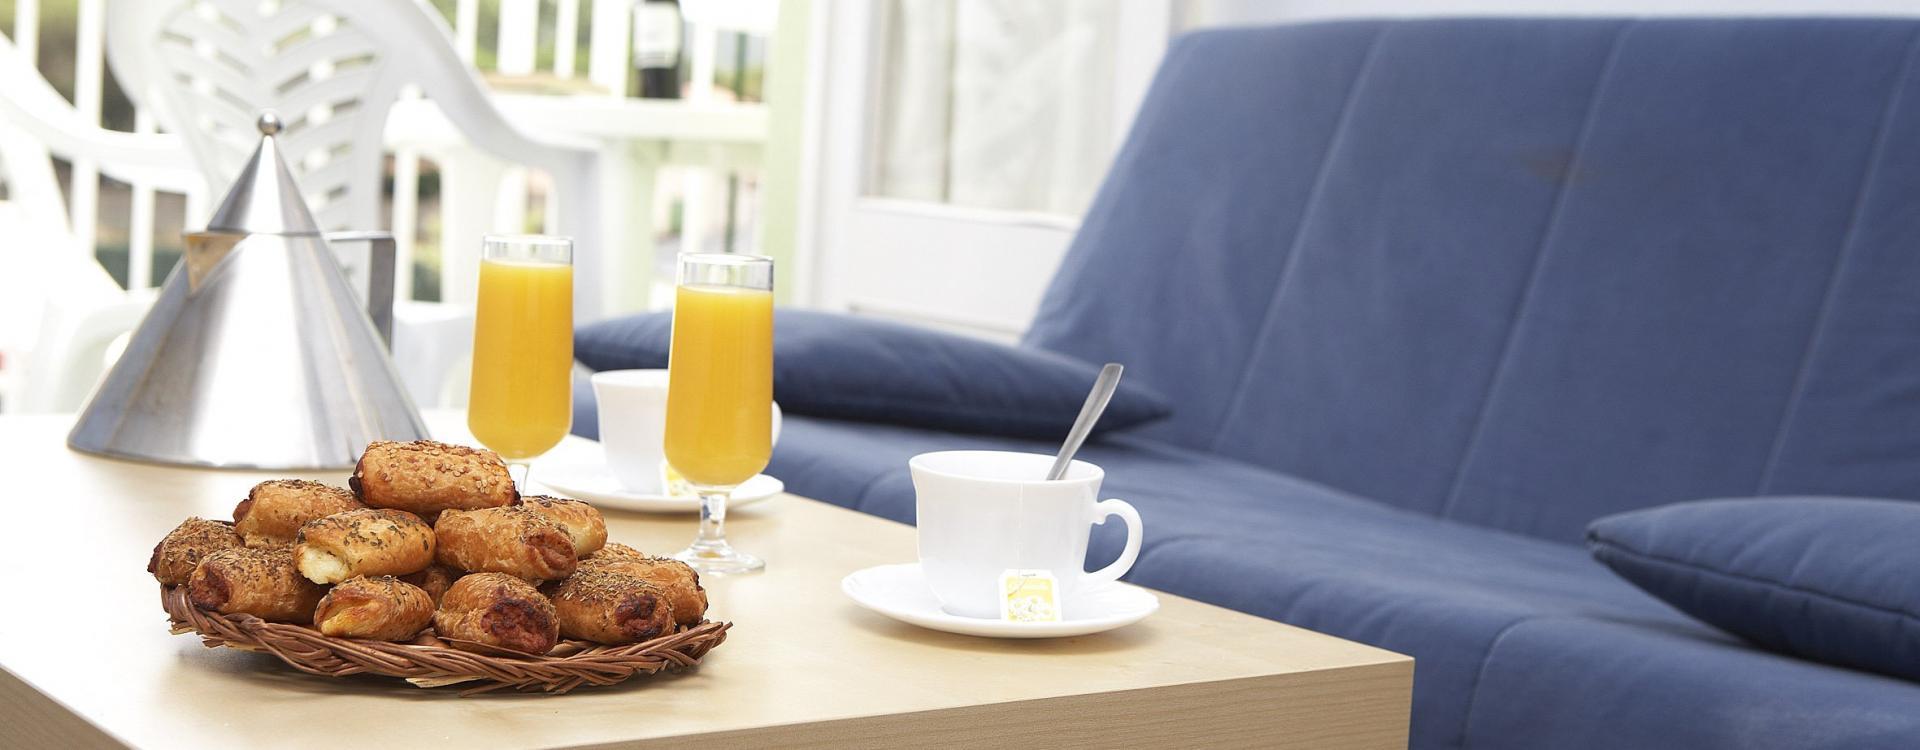 Appartement avec petit-déjeuner inclus